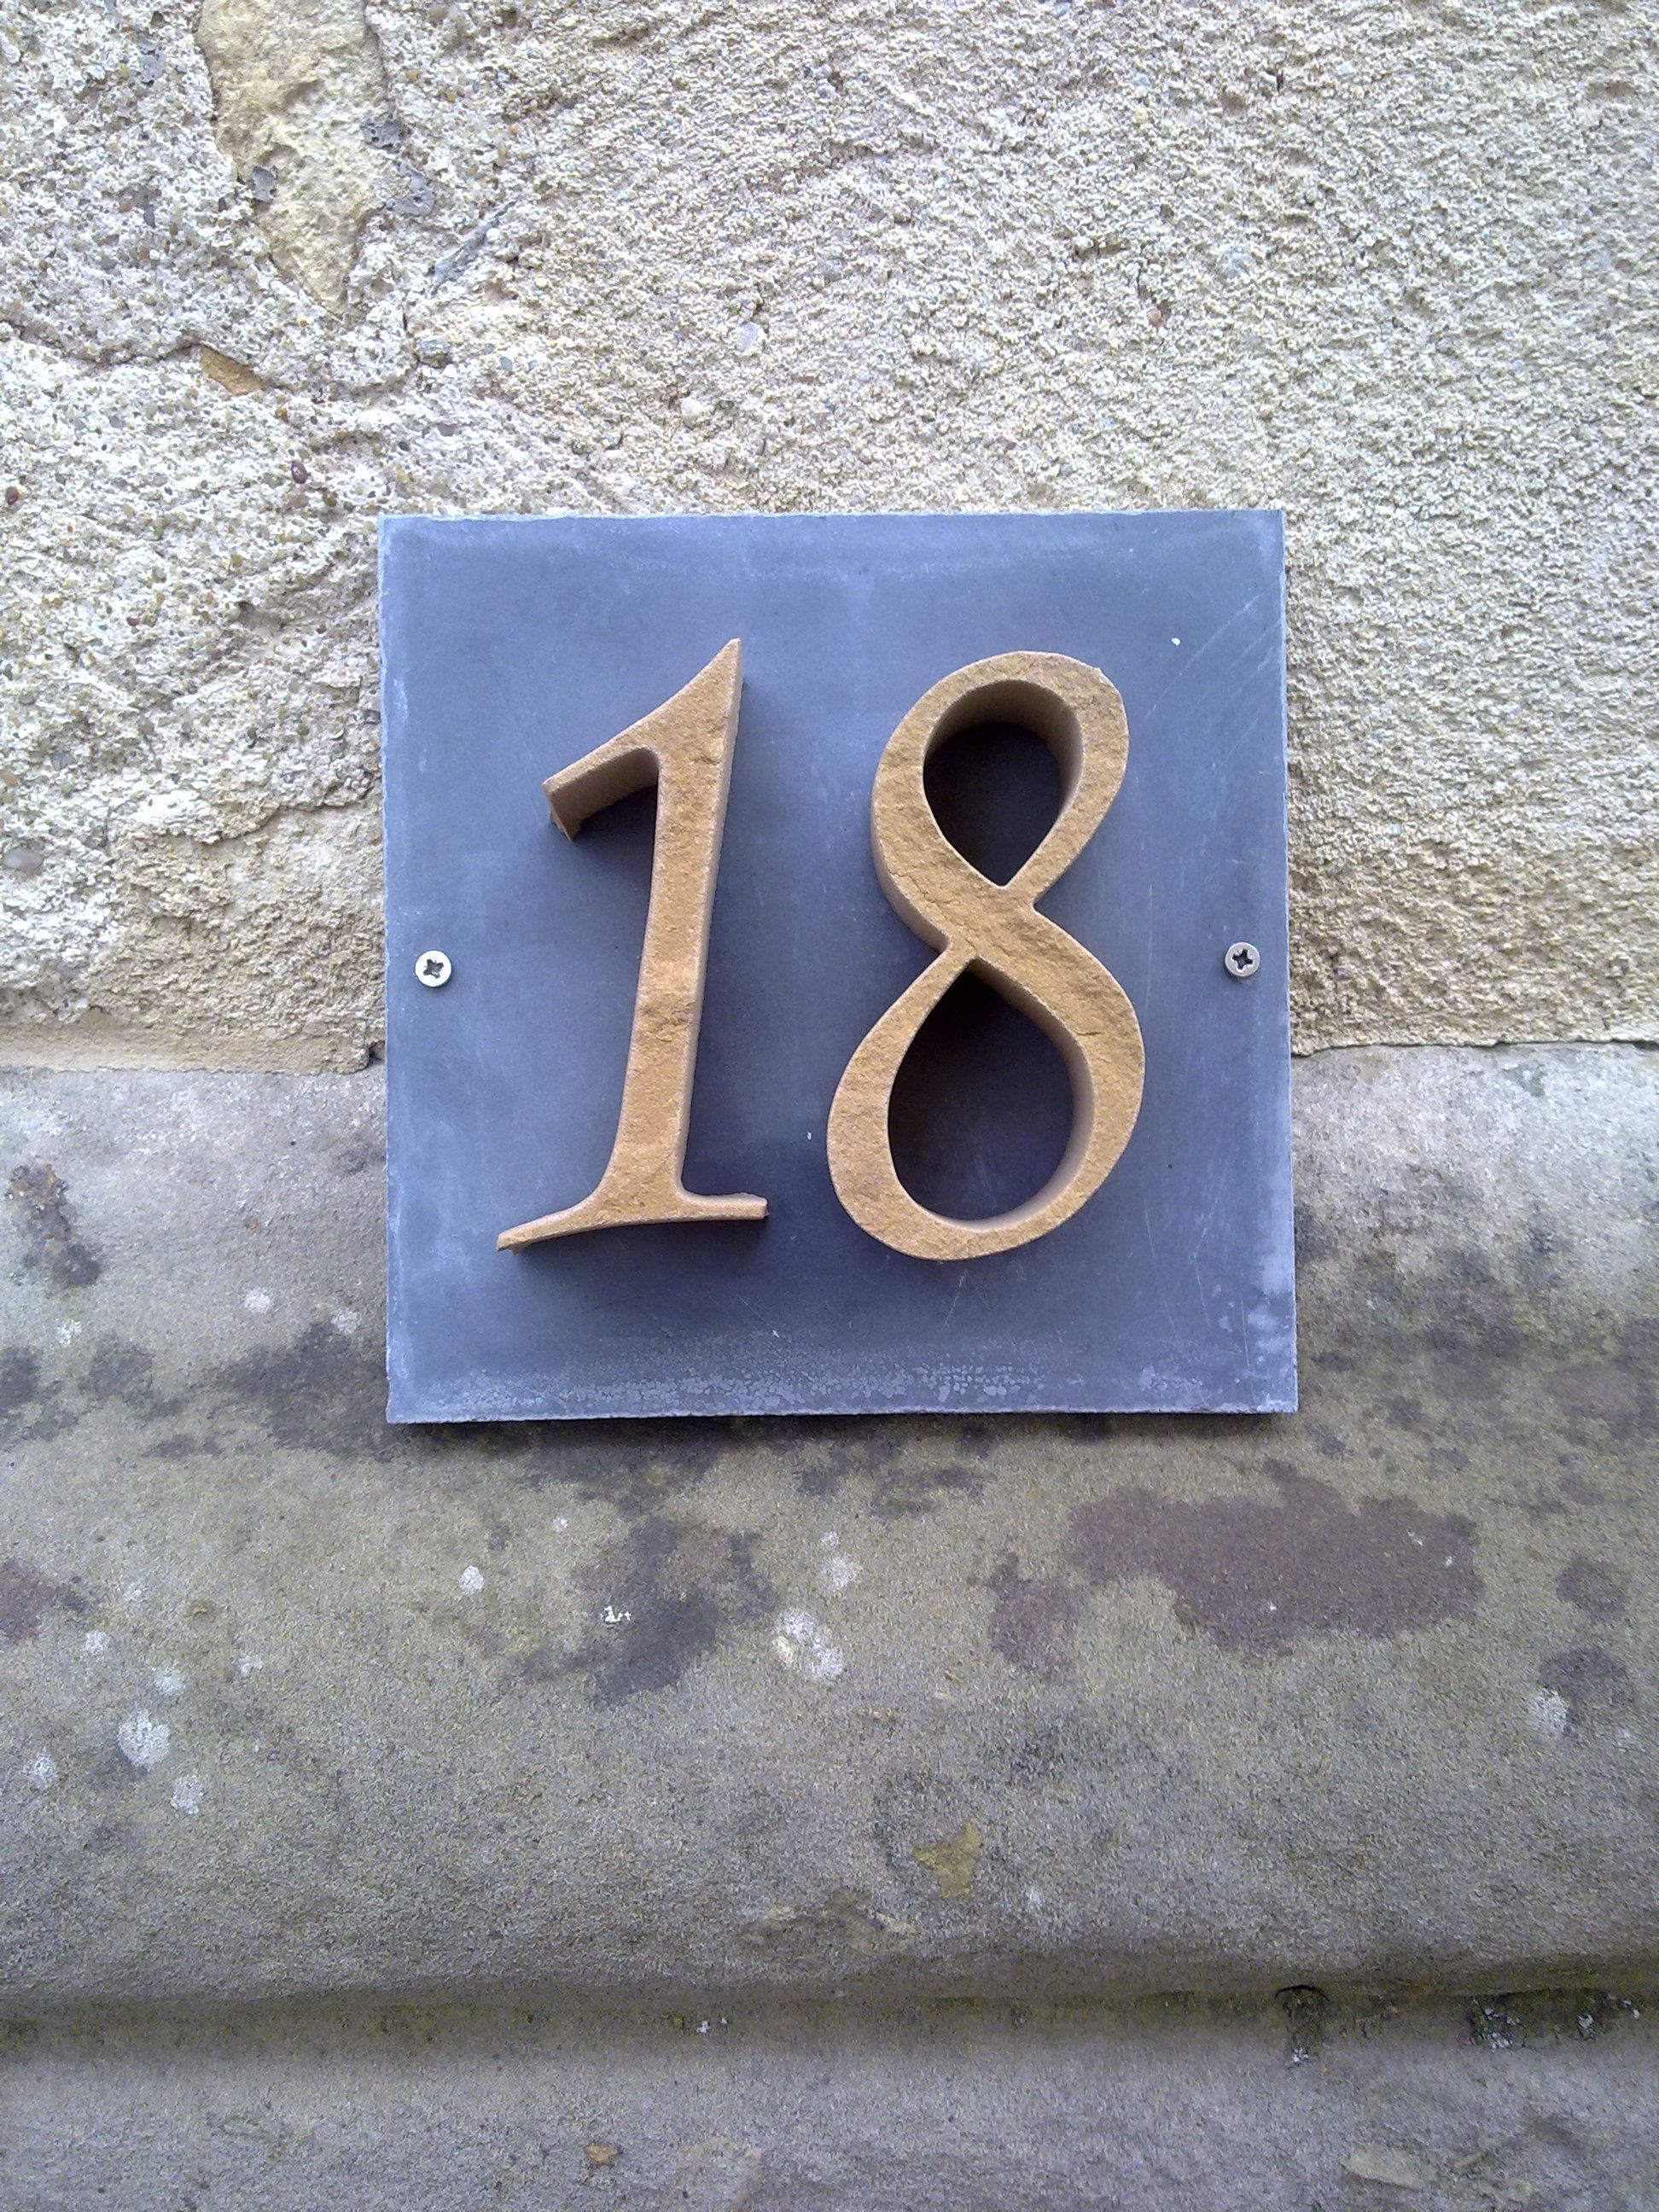 Hausnummer aus Sandstein viele Farben möglich passend zu jedem Haus house number